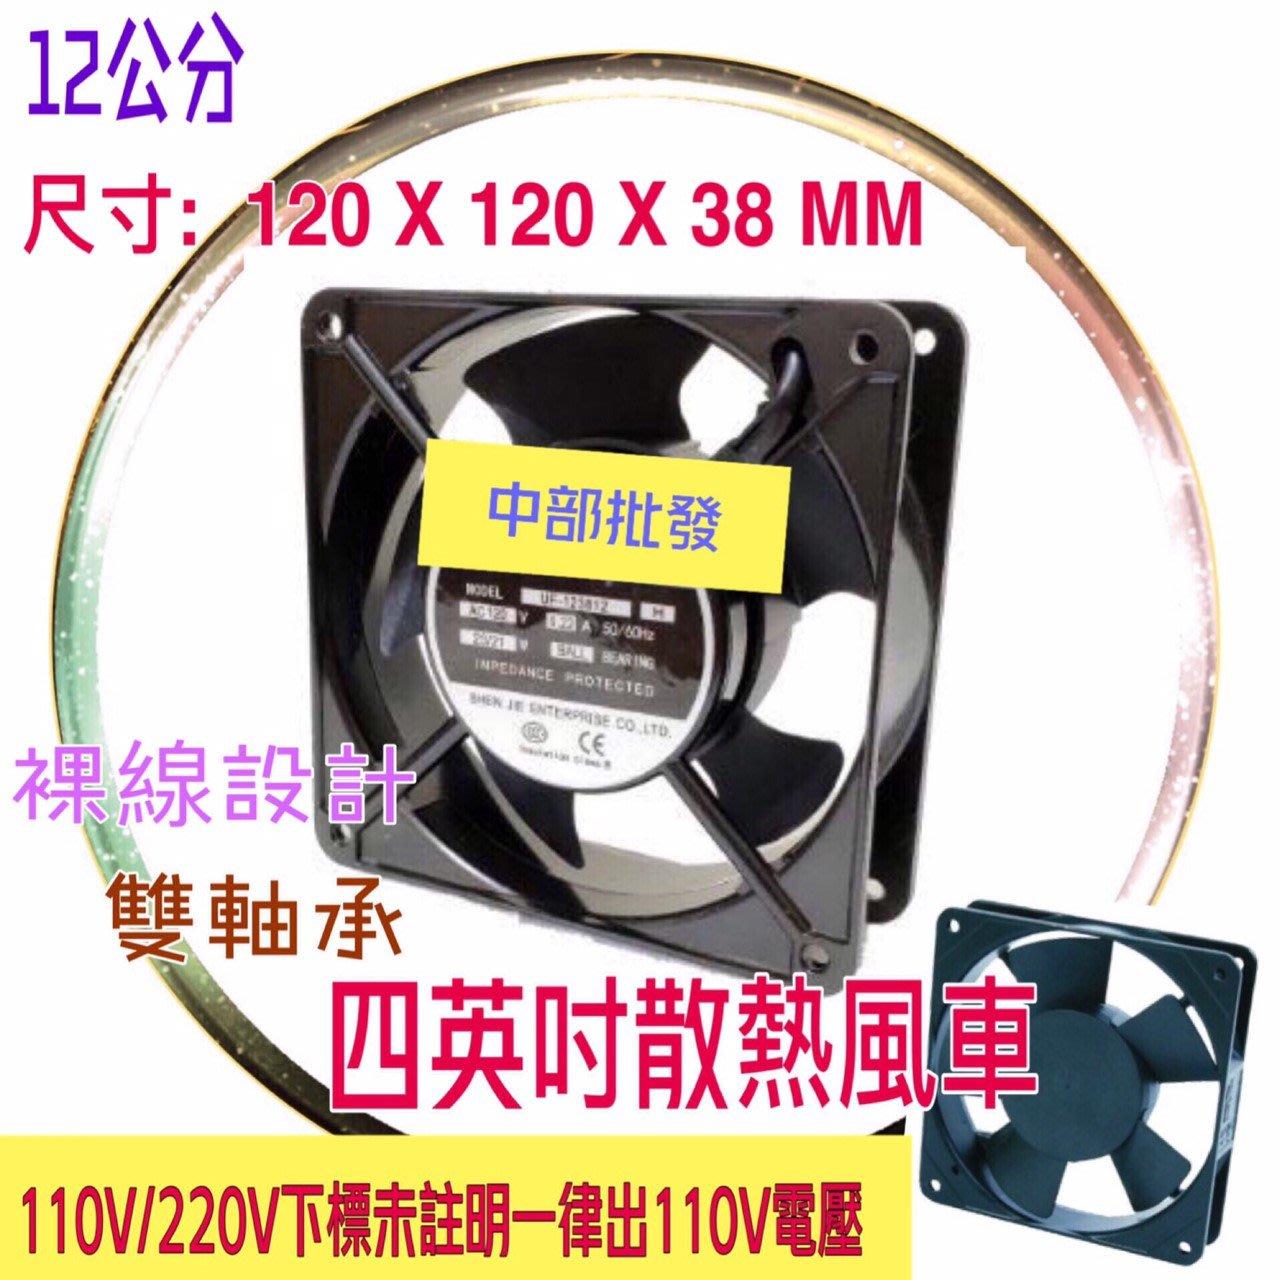 4英吋 散熱風扇 風車 風扇 排風扇 抽風機4英吋風扇 散熱風扇 四角風車 12公分 110V/220V 4吋 排風扇